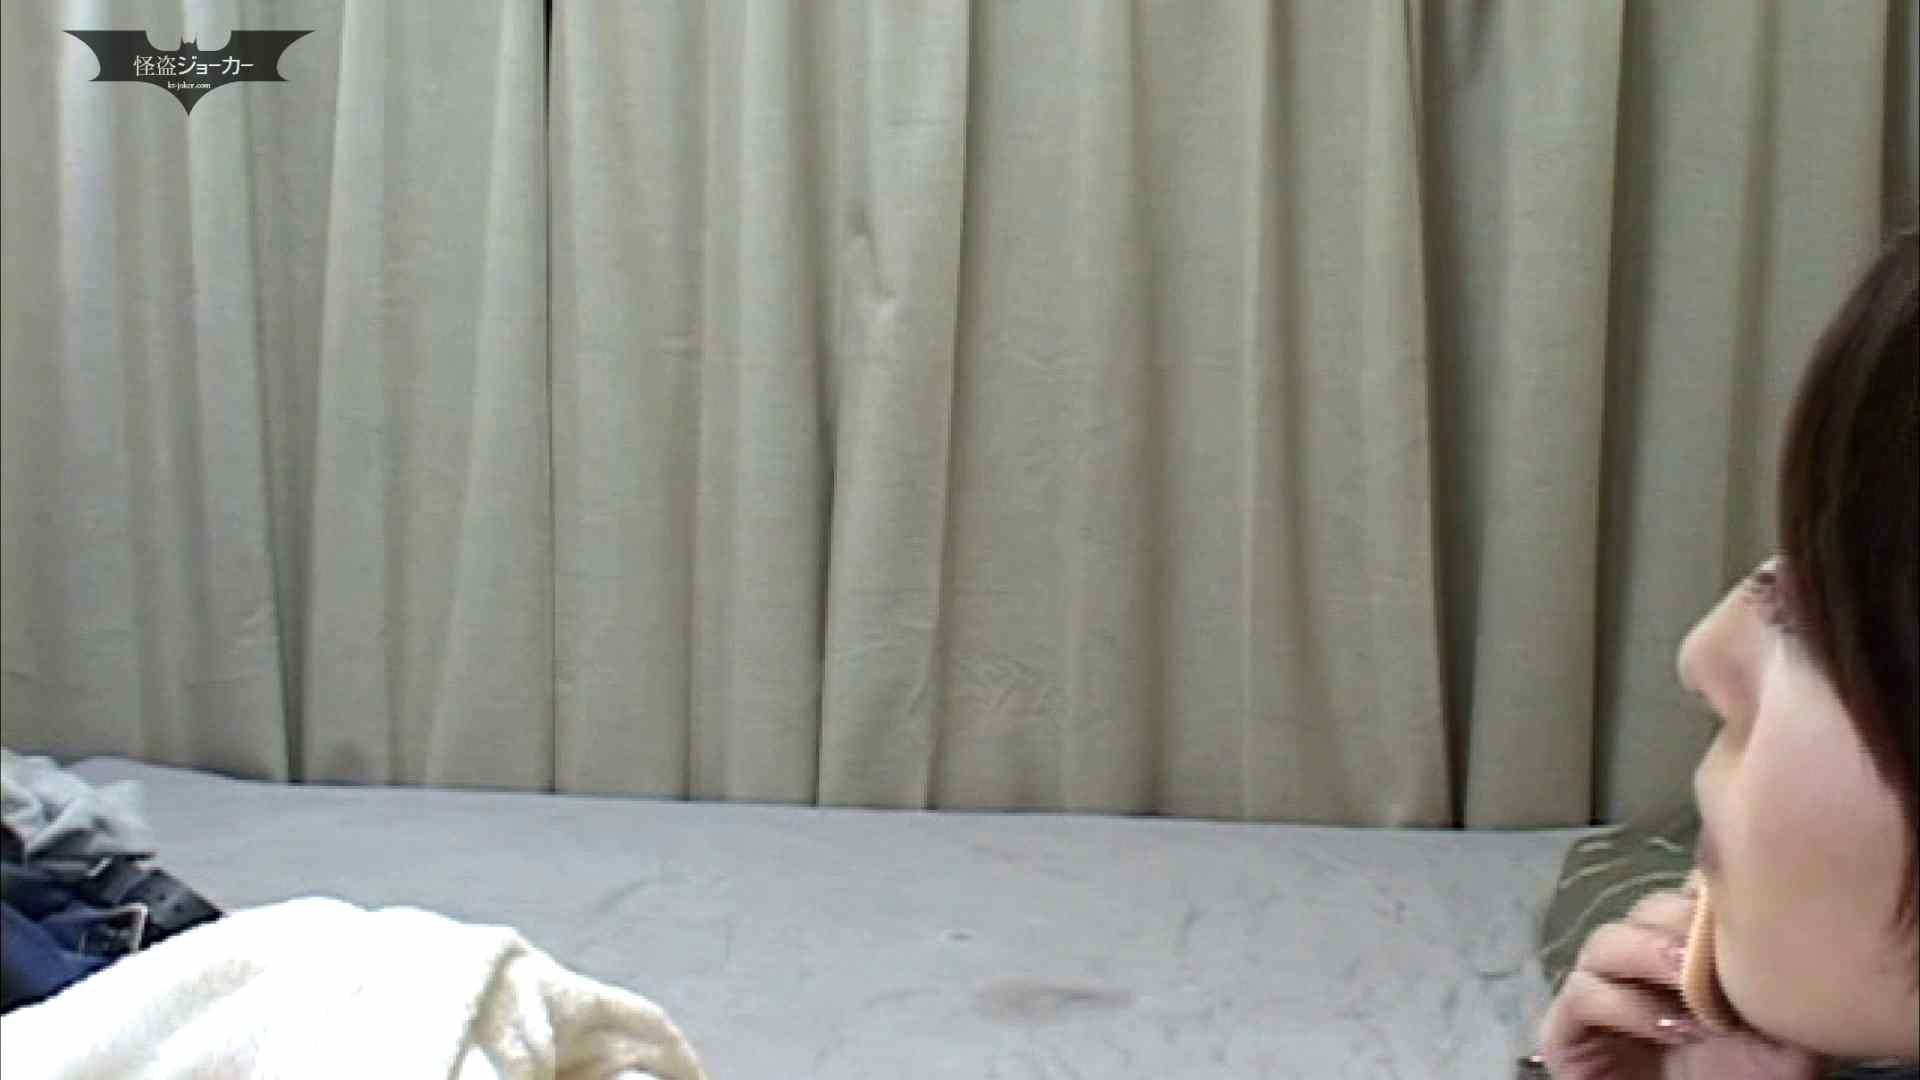 素人女良を部屋に連れ込み隠し撮りSEX!! その33 数の子天井OL ゆかこ SEX本番 盗撮セックス無修正動画無料 89pic 17